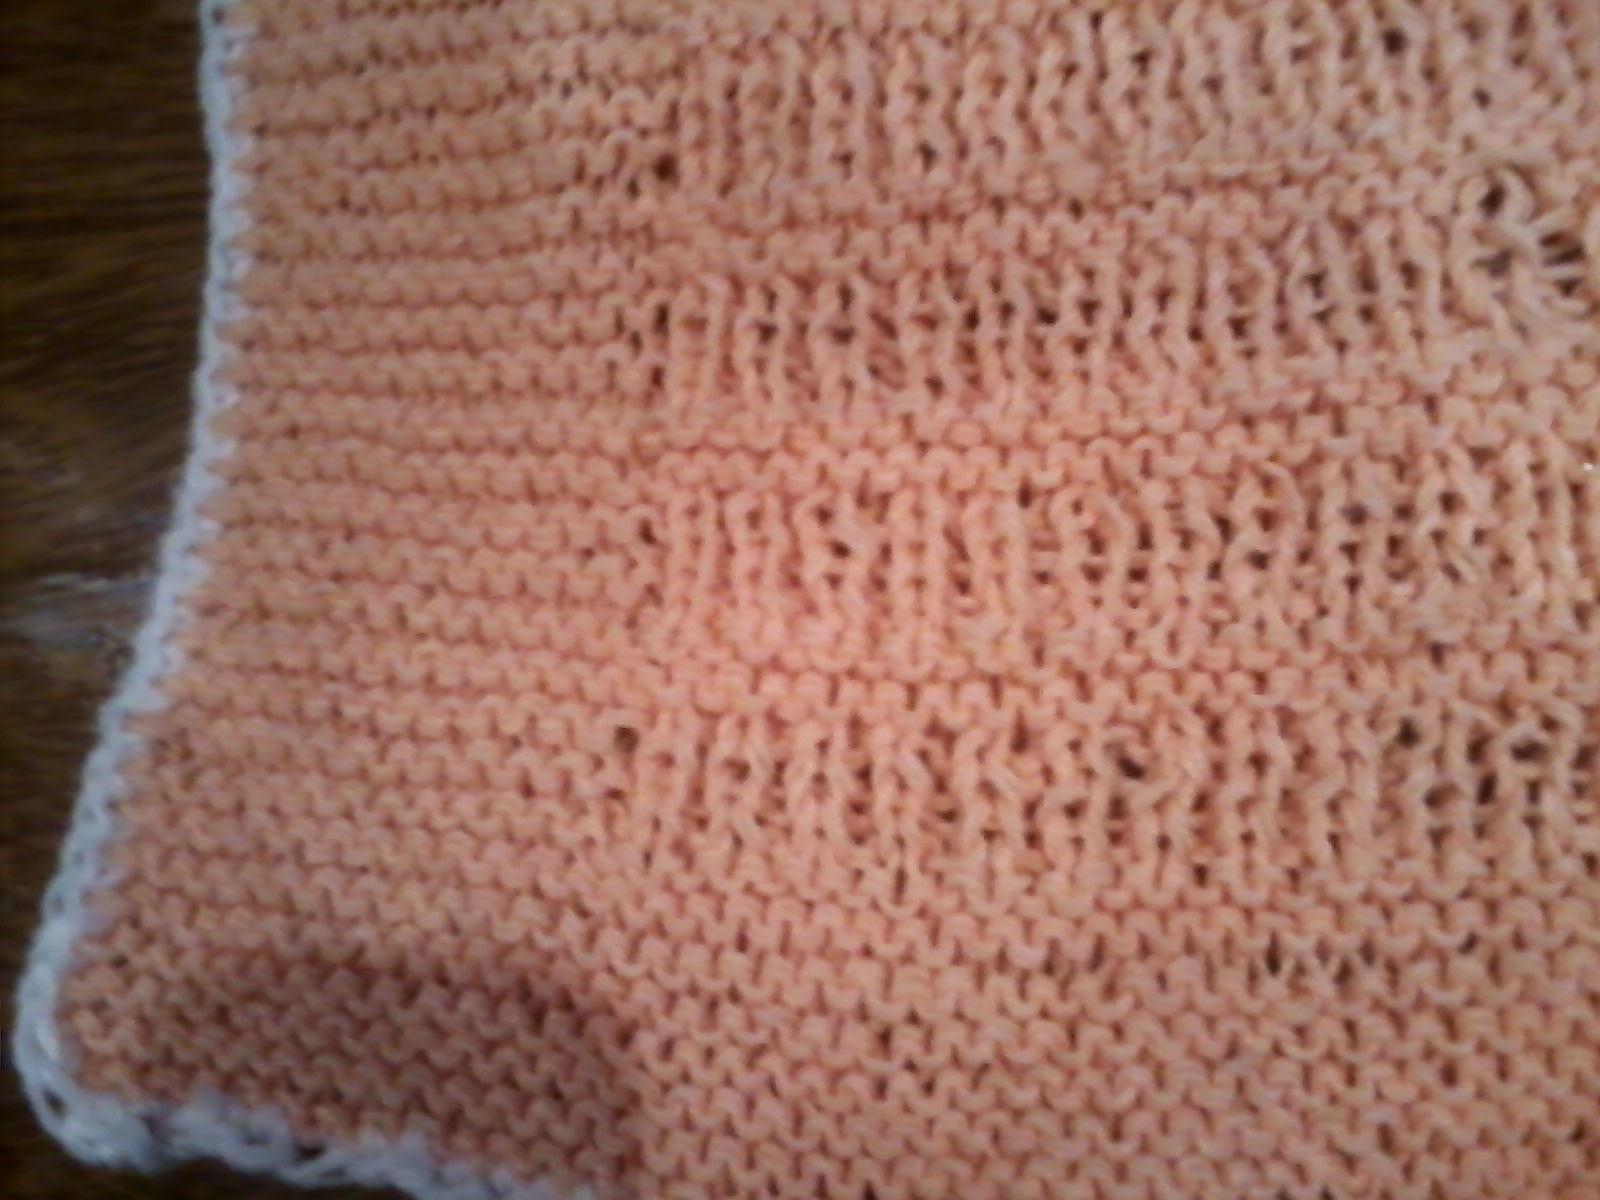 El atelier del tejido patron manta facil de bebe - Dibujos de ganchillo ...